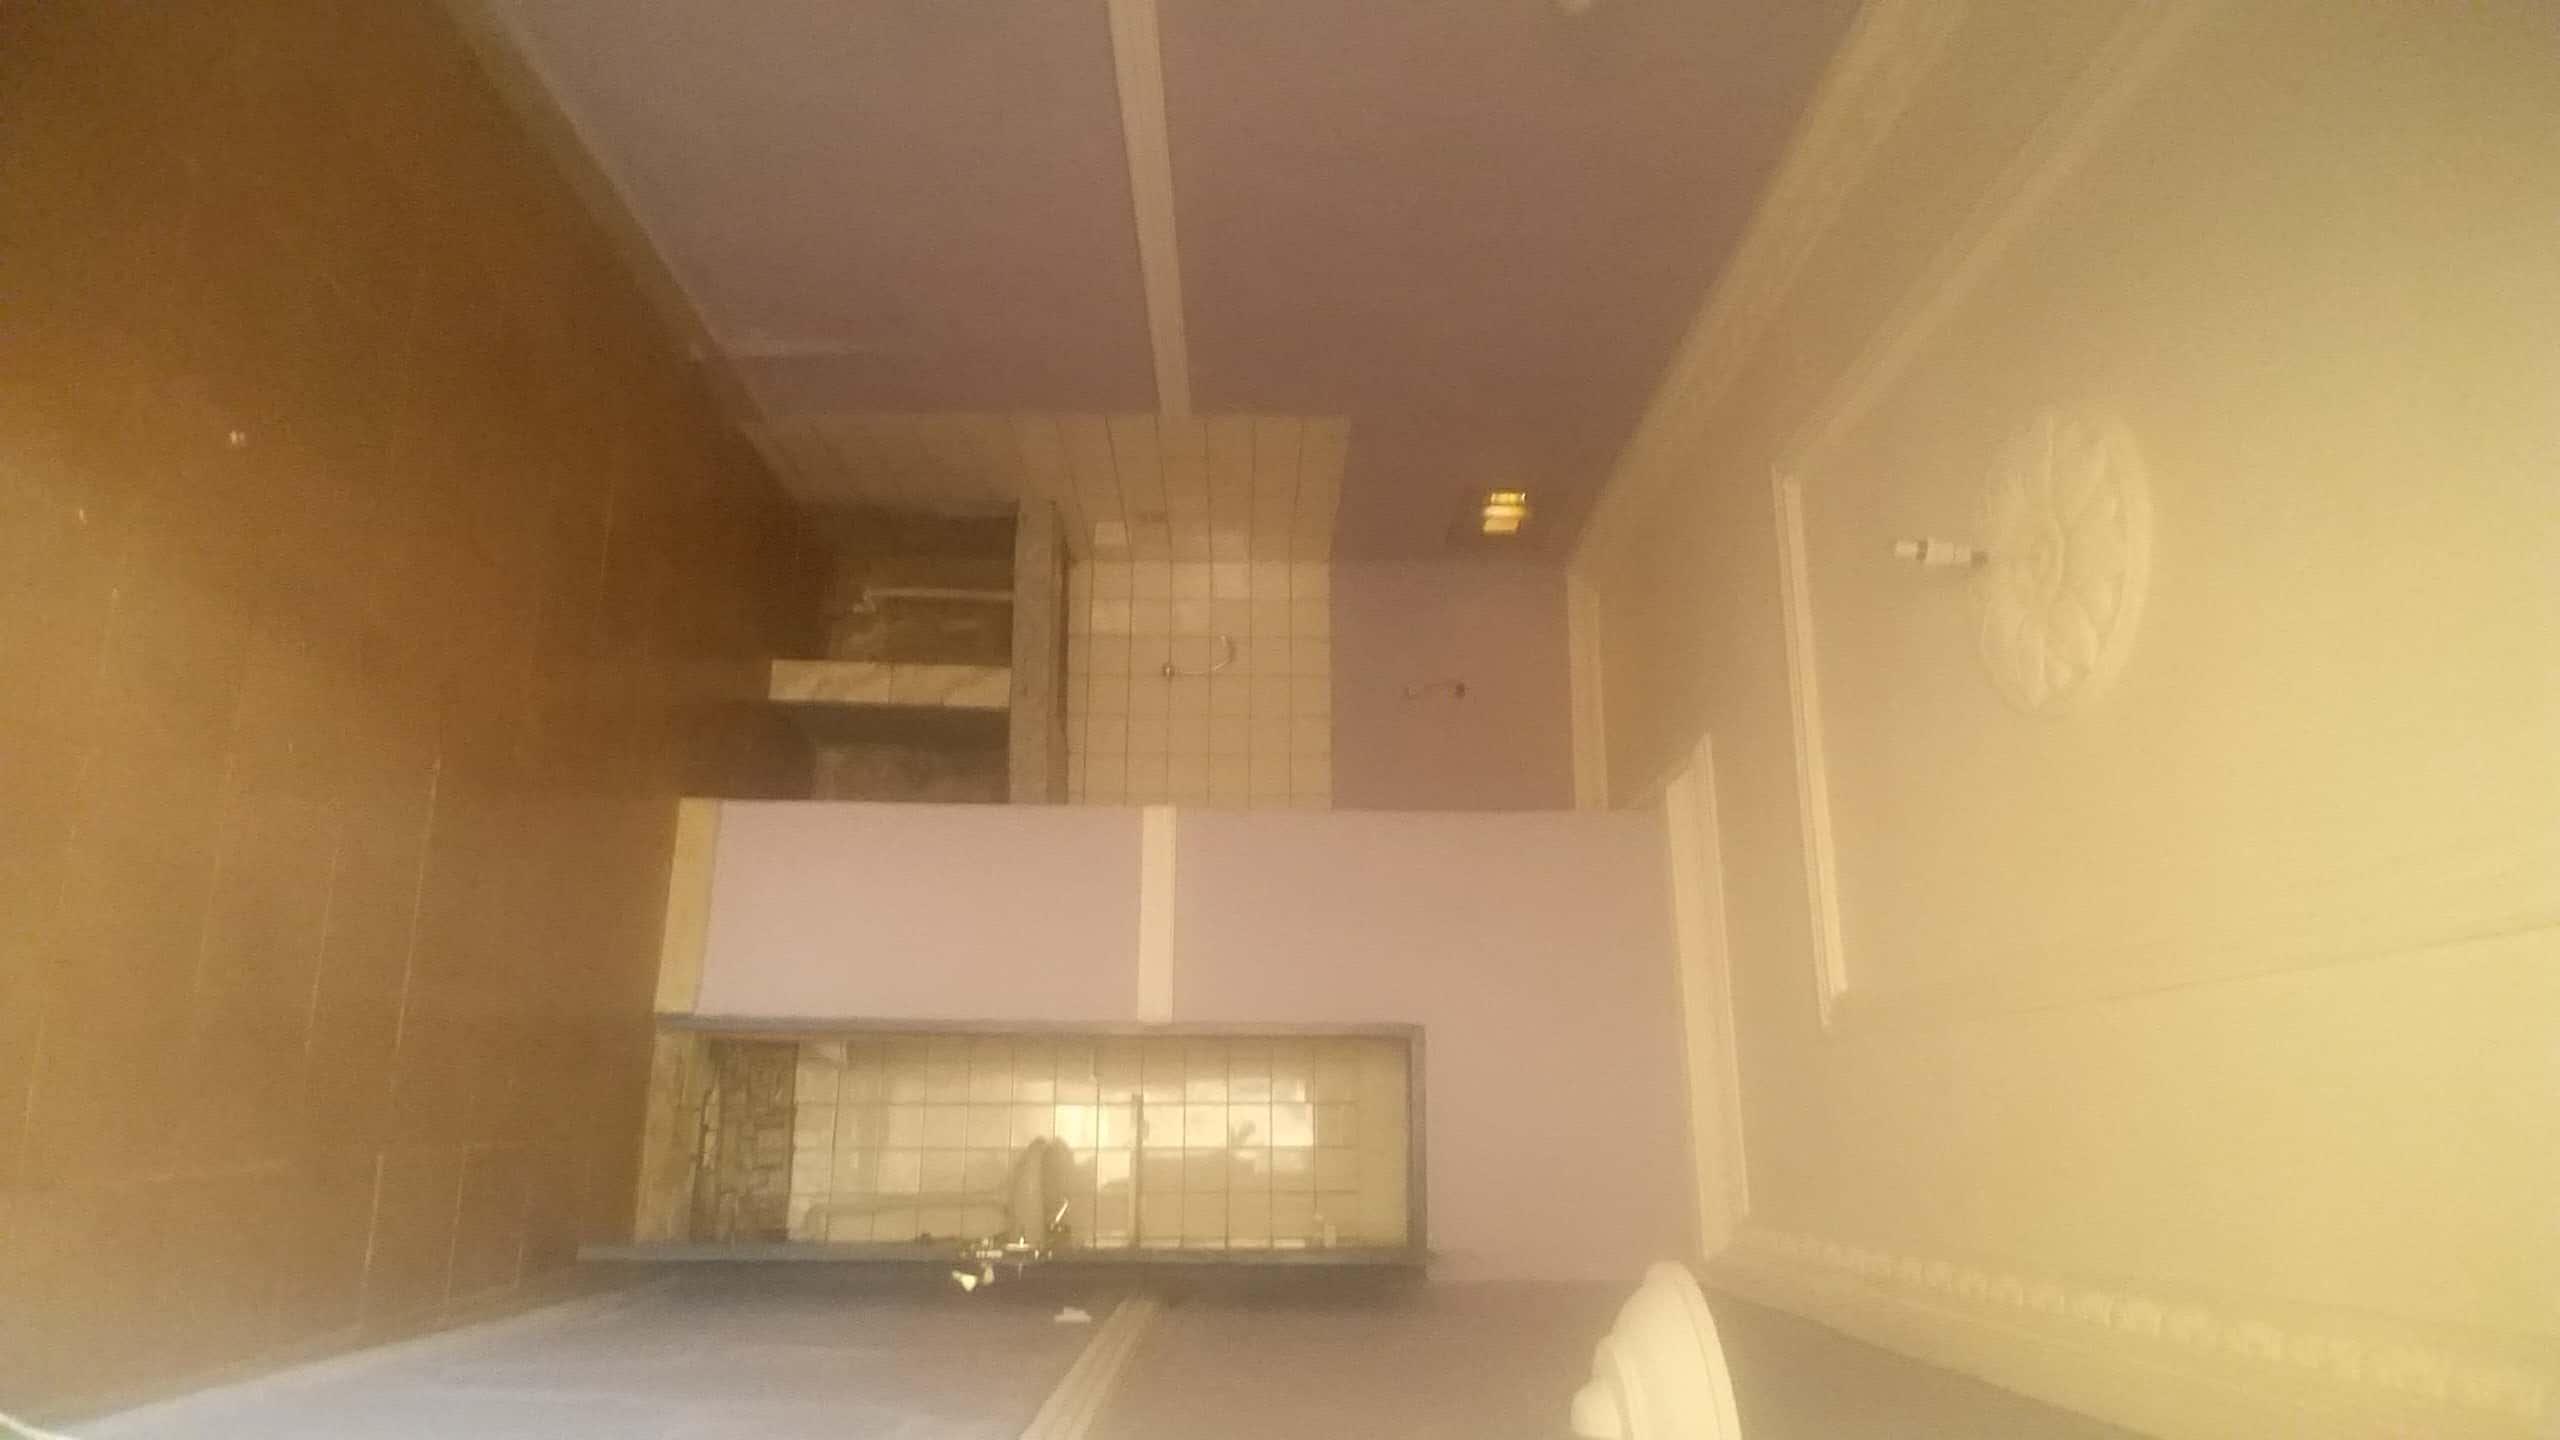 Studio to rent - Yaoundé, Mimboman I, Opep - 30 000 FCFA / month